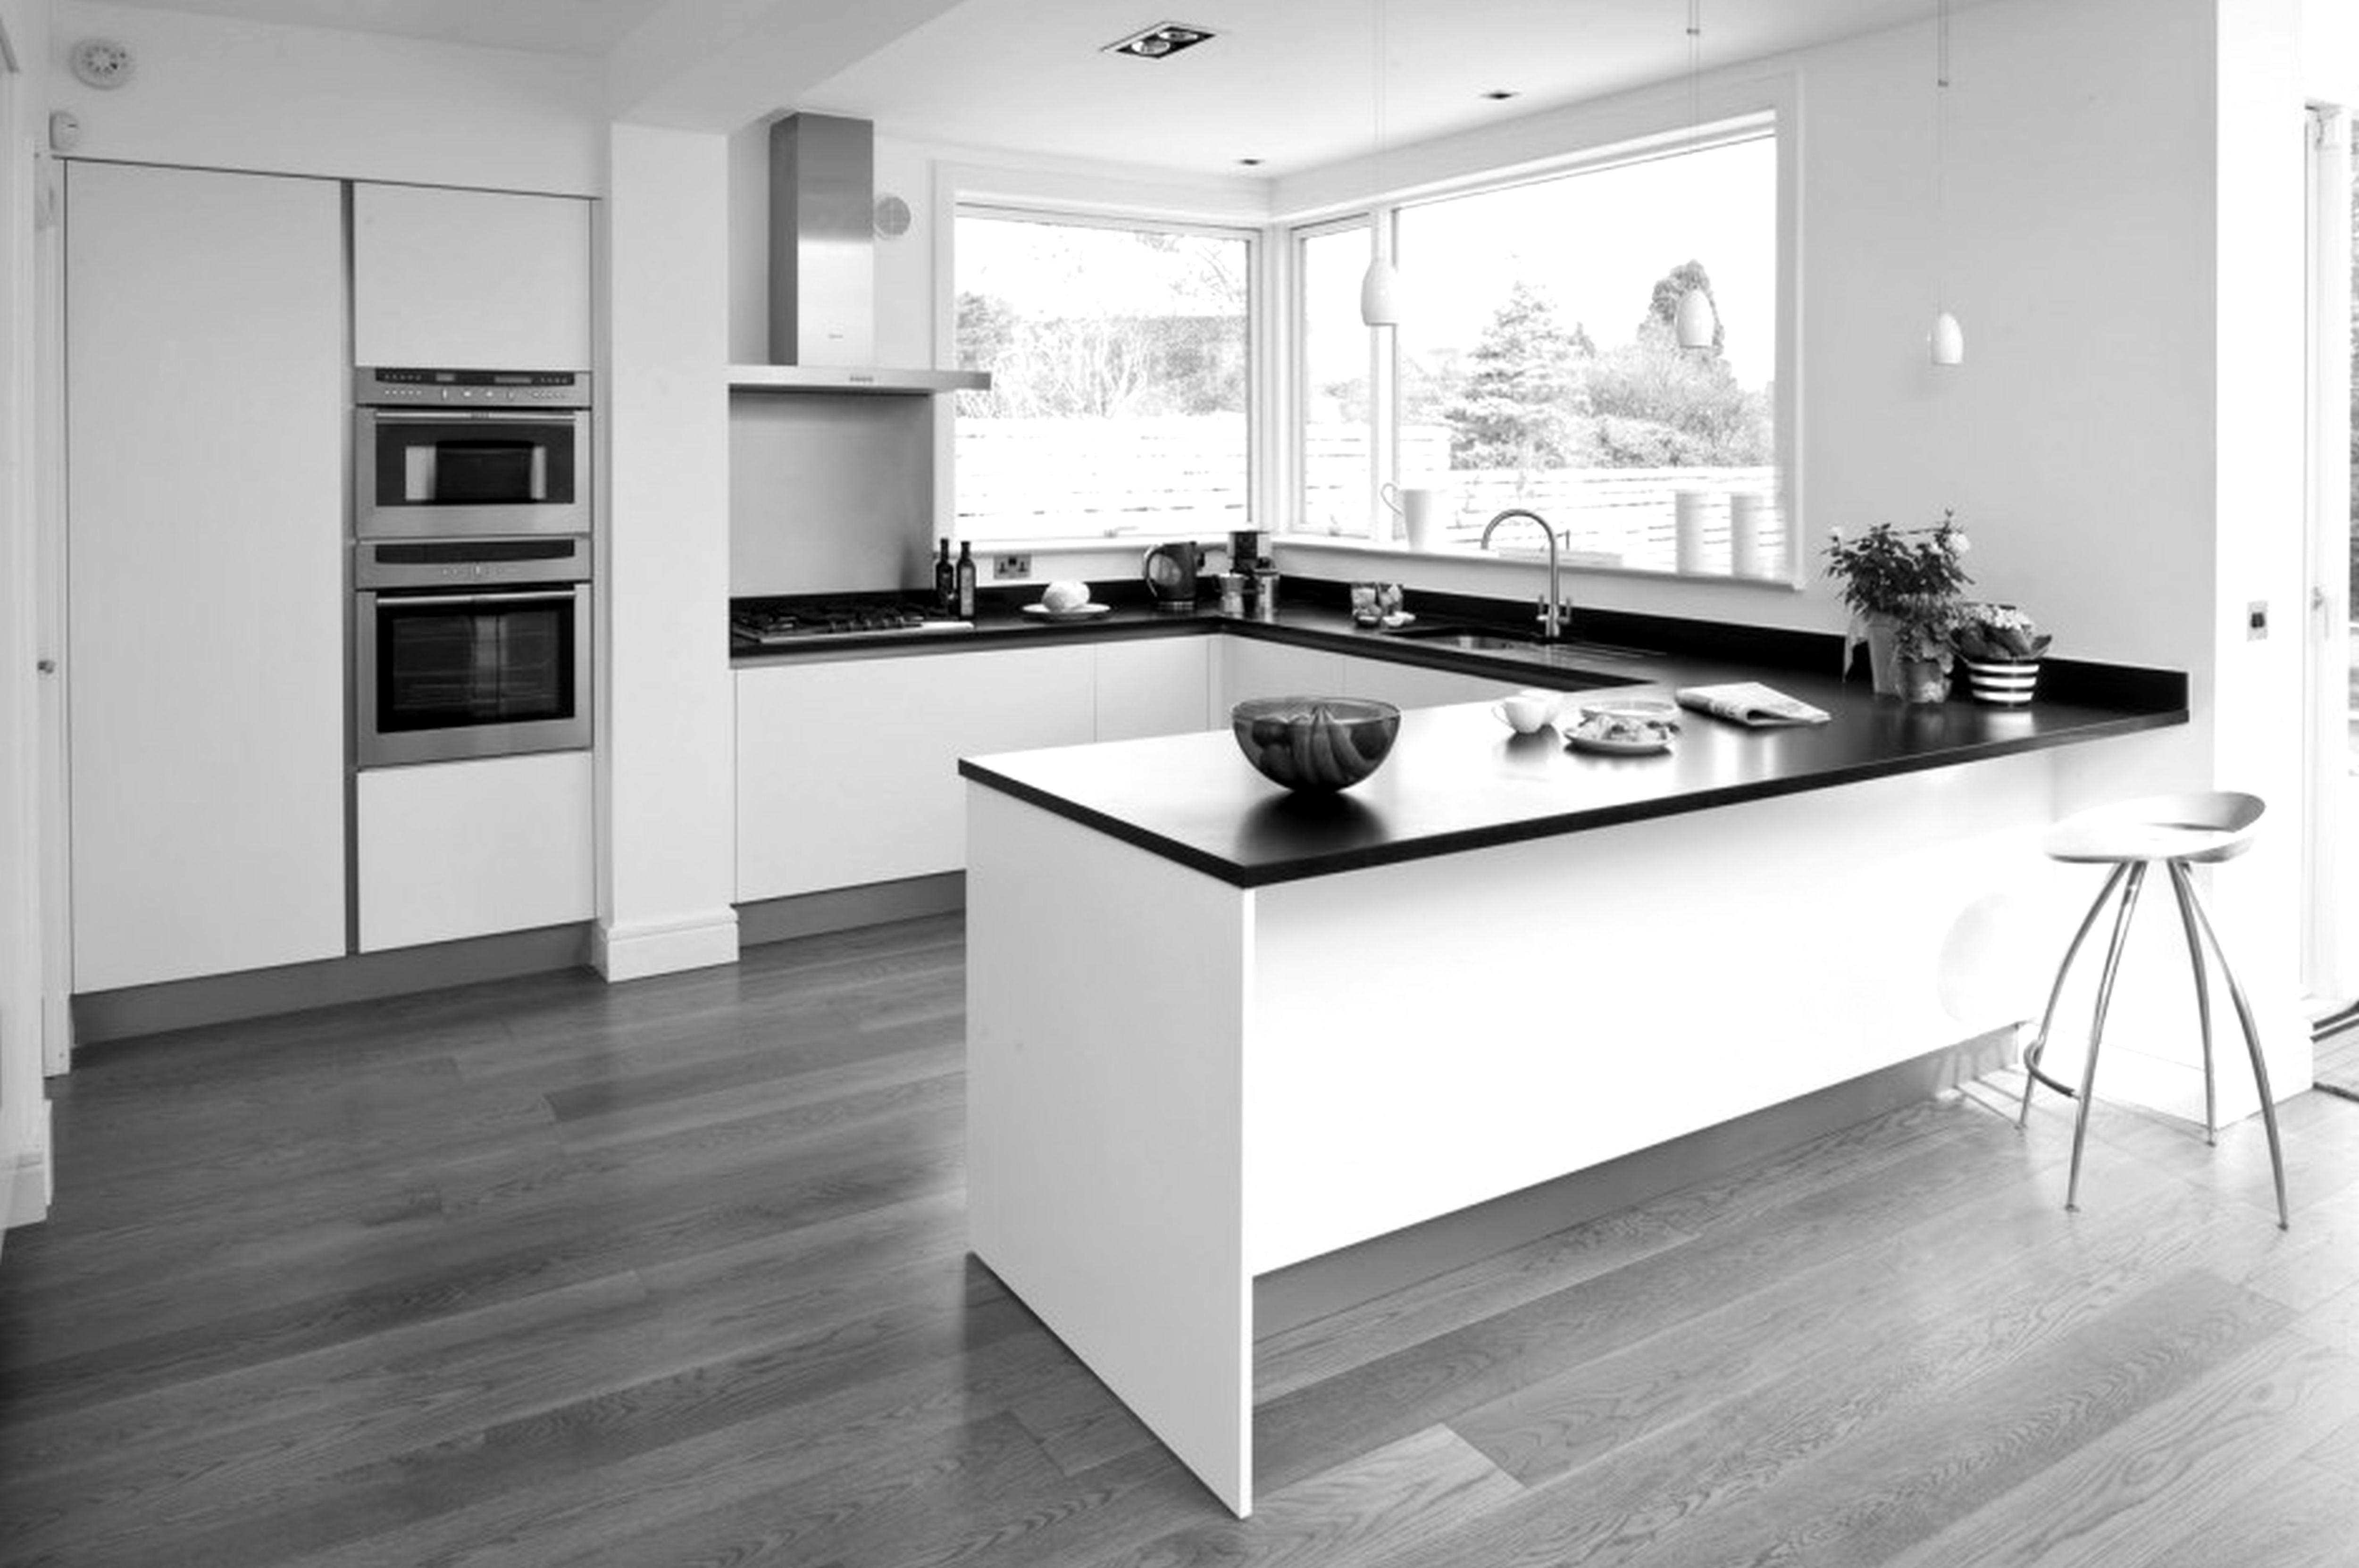 Küchenschränke mit hohen decken bilder von küche böden  skulpturale beleuchtung und lampions